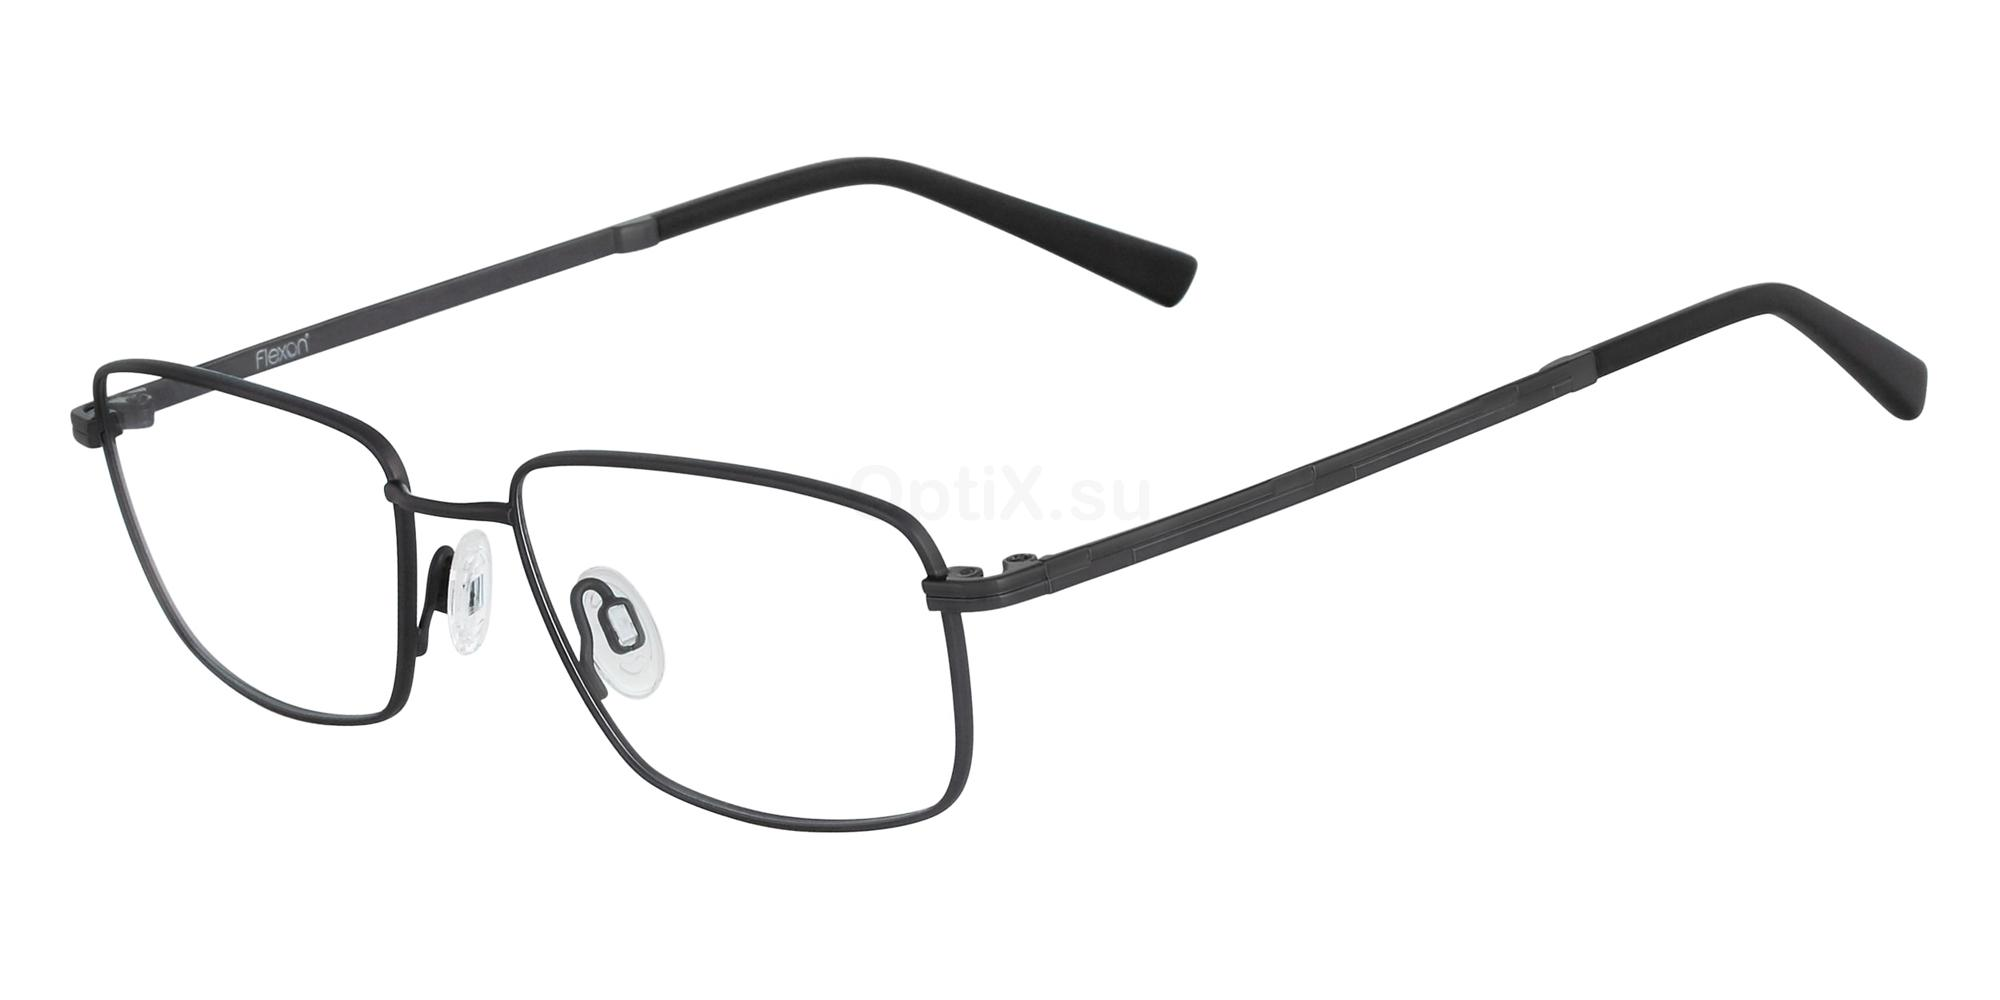 033 FLEXON NATHANIEL 600 Glasses, Flexon